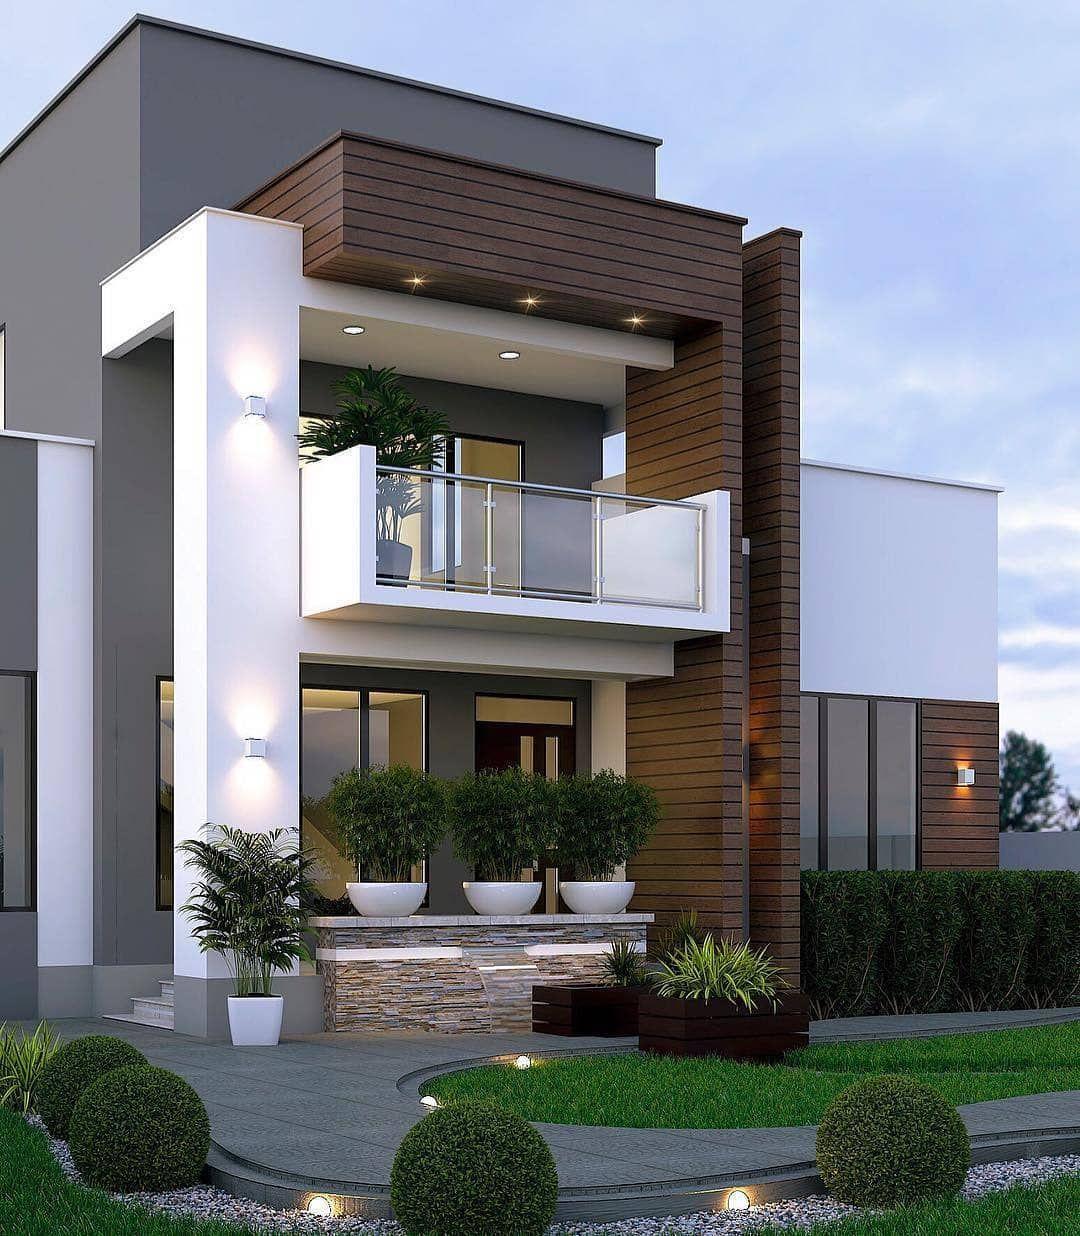 проекты маленьких домов проекты небольших домов маленькие ...